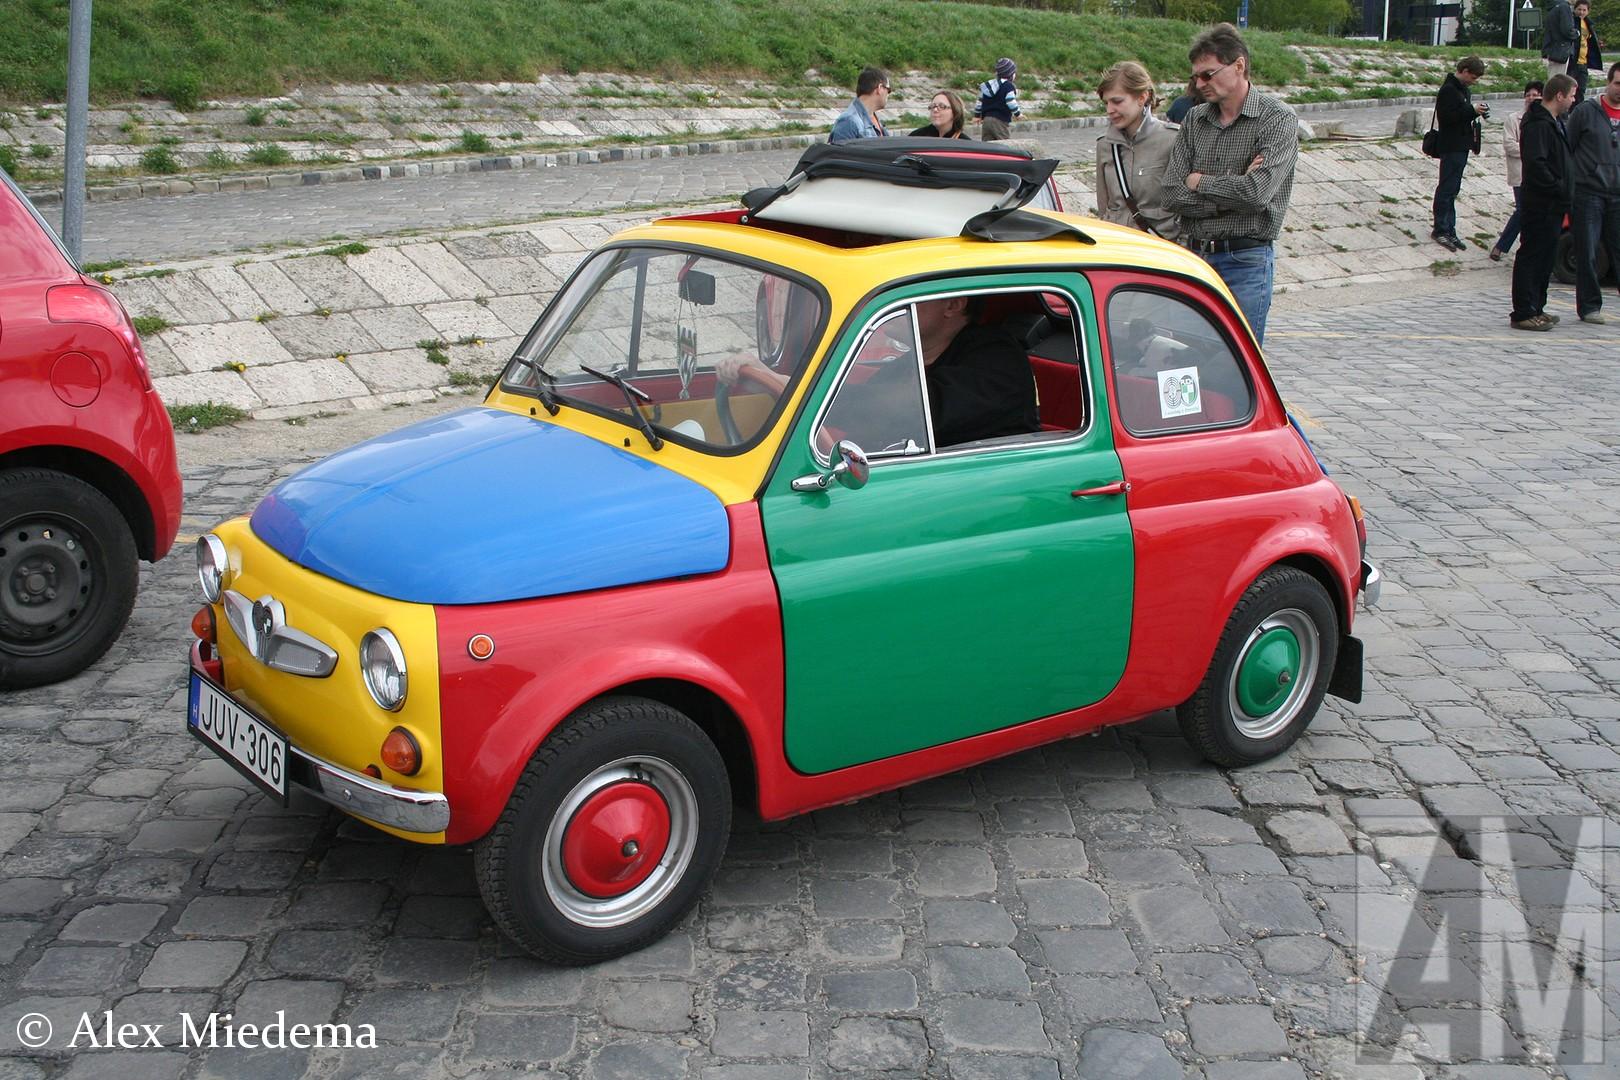 Steyr-Puch Harlekin zelf gebouwd. De twee-cilinder 16 pk sterke boxermotor had een betere reputatie dan de eigen Fiat motoren. Tussen 1957 en 1975 zijn er 60.000 gebouwd. zelf gebouwd. De twee-cilinder 16 pk sterke boxermotor had een betere reputatie dan de eigen Fiat motoren. Tussen 1957 en 1975 zijn er 60.000 gebouwd.  Steyr-Puch Harlekin zelf gebouwd. De twee-cilinder 16 pk sterke boxermotor had een betere reputatie dan de eigen Fiat motoren. Tussen 1957 en 1975 zijn er 60.000 gebouwd. zelf gebouwd. De twee-cilinder 16 pk sterke boxermotor had een betere reputatie dan de eigen Fiat motoren. Tussen 1957 en 1975 zijn er 60.000 gebouwd.  Steyr-Puch Harlekin zelf gebouwd. De twee-cilinder 16 pk sterke boxermotor had een betere reputatie dan de eigen Fiat motoren. Tussen 1957 en 1975 zijn er 60.000 gebouwd. zelf gebouwd. De twee-cilinder 16 pk sterke boxermotor had een betere reputatie dan de eigen Fiat motoren. Tussen 1957 en 1975 zijn er 60.000 gebouwd.  Steyr-Puch Harlekin zelf gebouwd. De twee-cilinder 16 pk sterke boxermotor had een betere reputatie dan de eigen Fiat motoren. Tussen 1957 en 1975 zijn er 60.000 gebouwd. zelf gebouwd. De twee-cilinder 16 pk sterke boxermotor had een betere reputatie dan de eigen Fiat motoren. Tussen 1957 en 1975 zijn er 60.000 gebouwd.  Steyr-Puch Harlekin zelf gebouwd. De twee-cilinder 16 pk sterke boxermotor had een betere reputatie dan de eigen Fiat motoren. Tussen 1957 en 1975 zijn er 60.000 gebouwd. zelf gebouwd. De twee-cilinder 16 pk sterke boxermotor had een betere reputatie dan de eigen Fiat motoren. Tussen 1957 en 1975 zijn er 60.000 gebouwd.